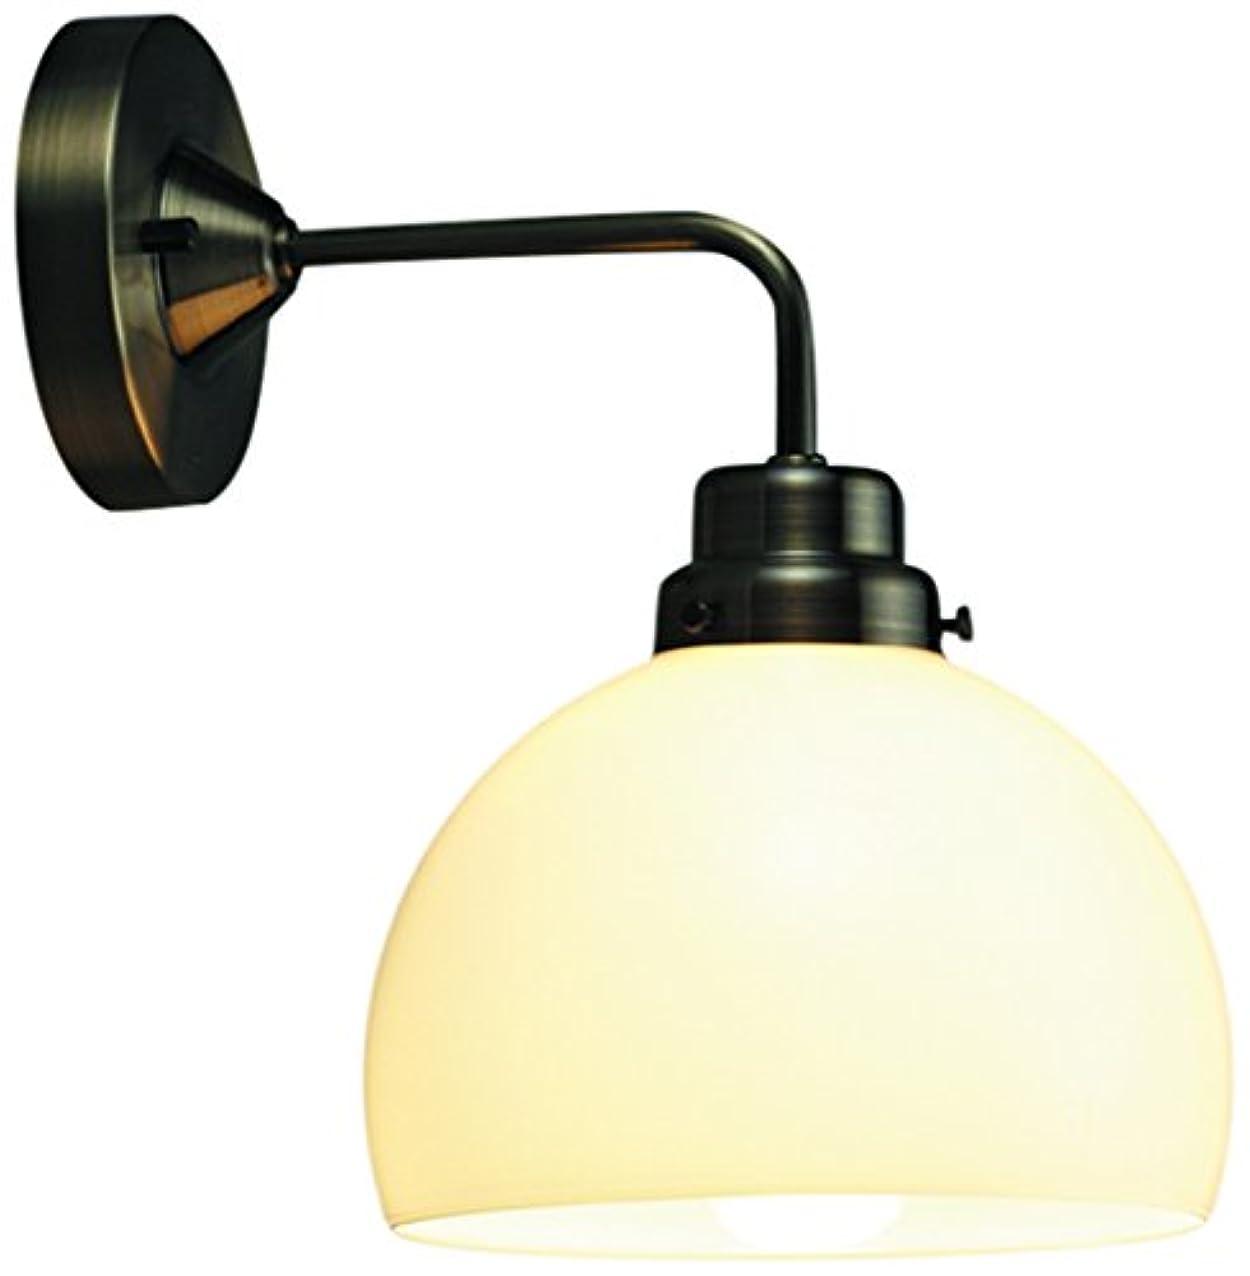 唯物論女将ランプ後藤照明+硝子シリーズ+オリオン+GLF-3362 GLF-3362